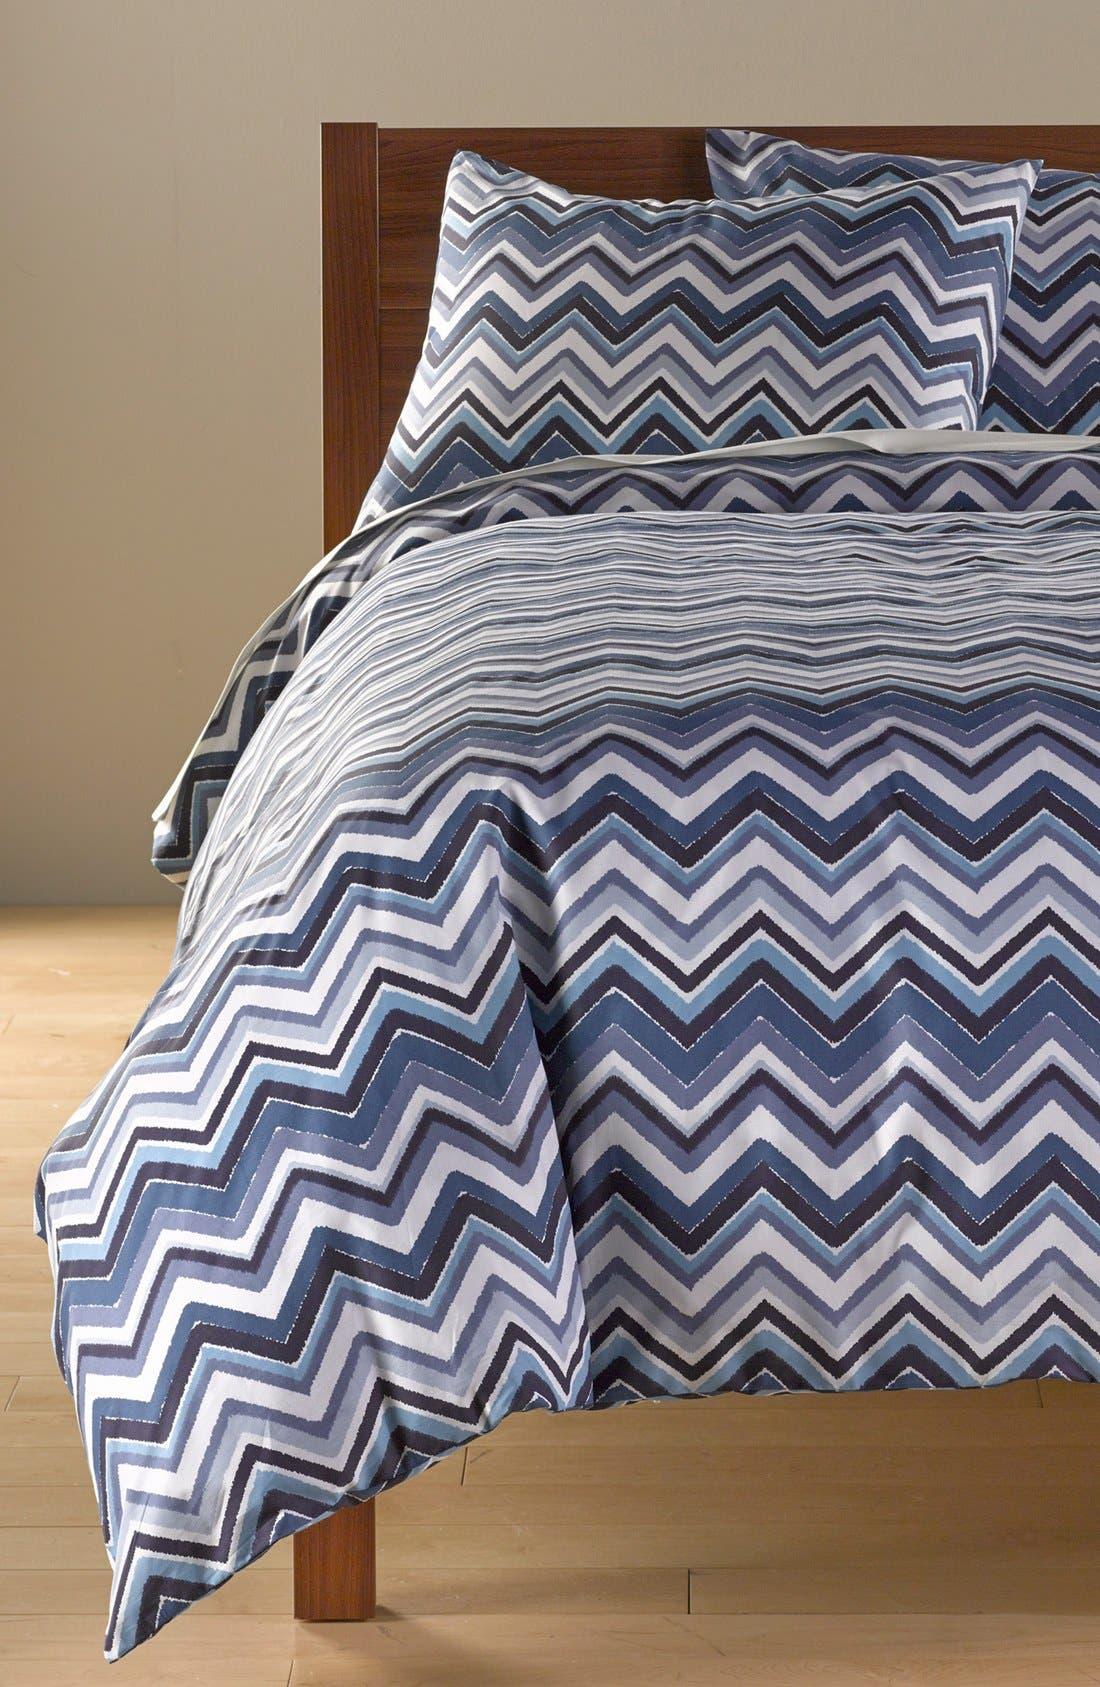 Alternate Image 1 Selected - Levtex 'Kendall' Duvet Cover